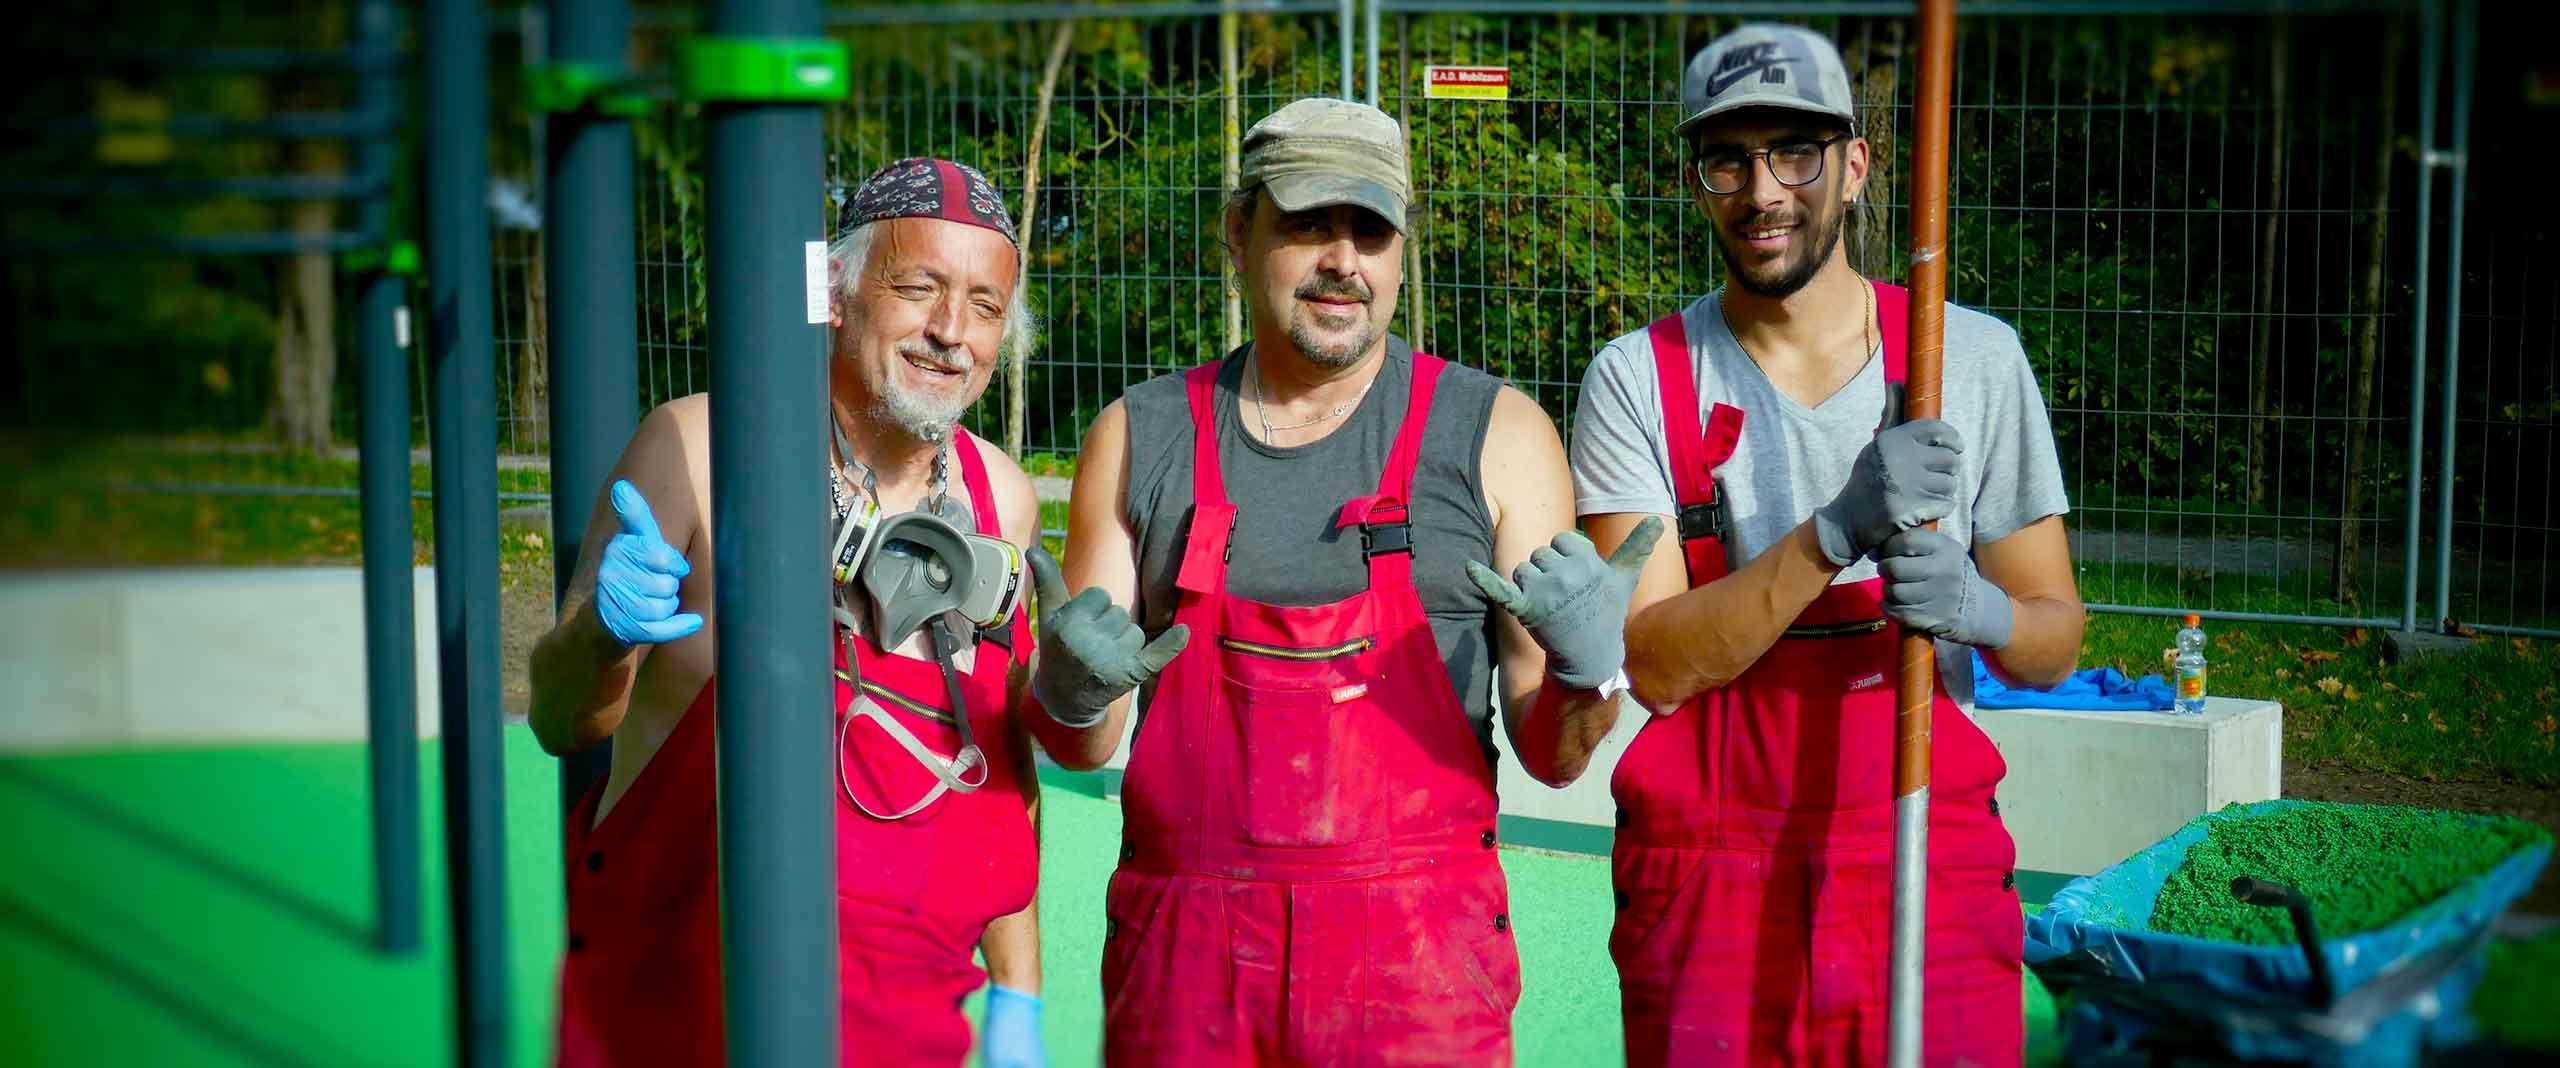 Manuel Rodrigues, Schorsch Duarte und Jonathan Faria (v.l.n.r.)